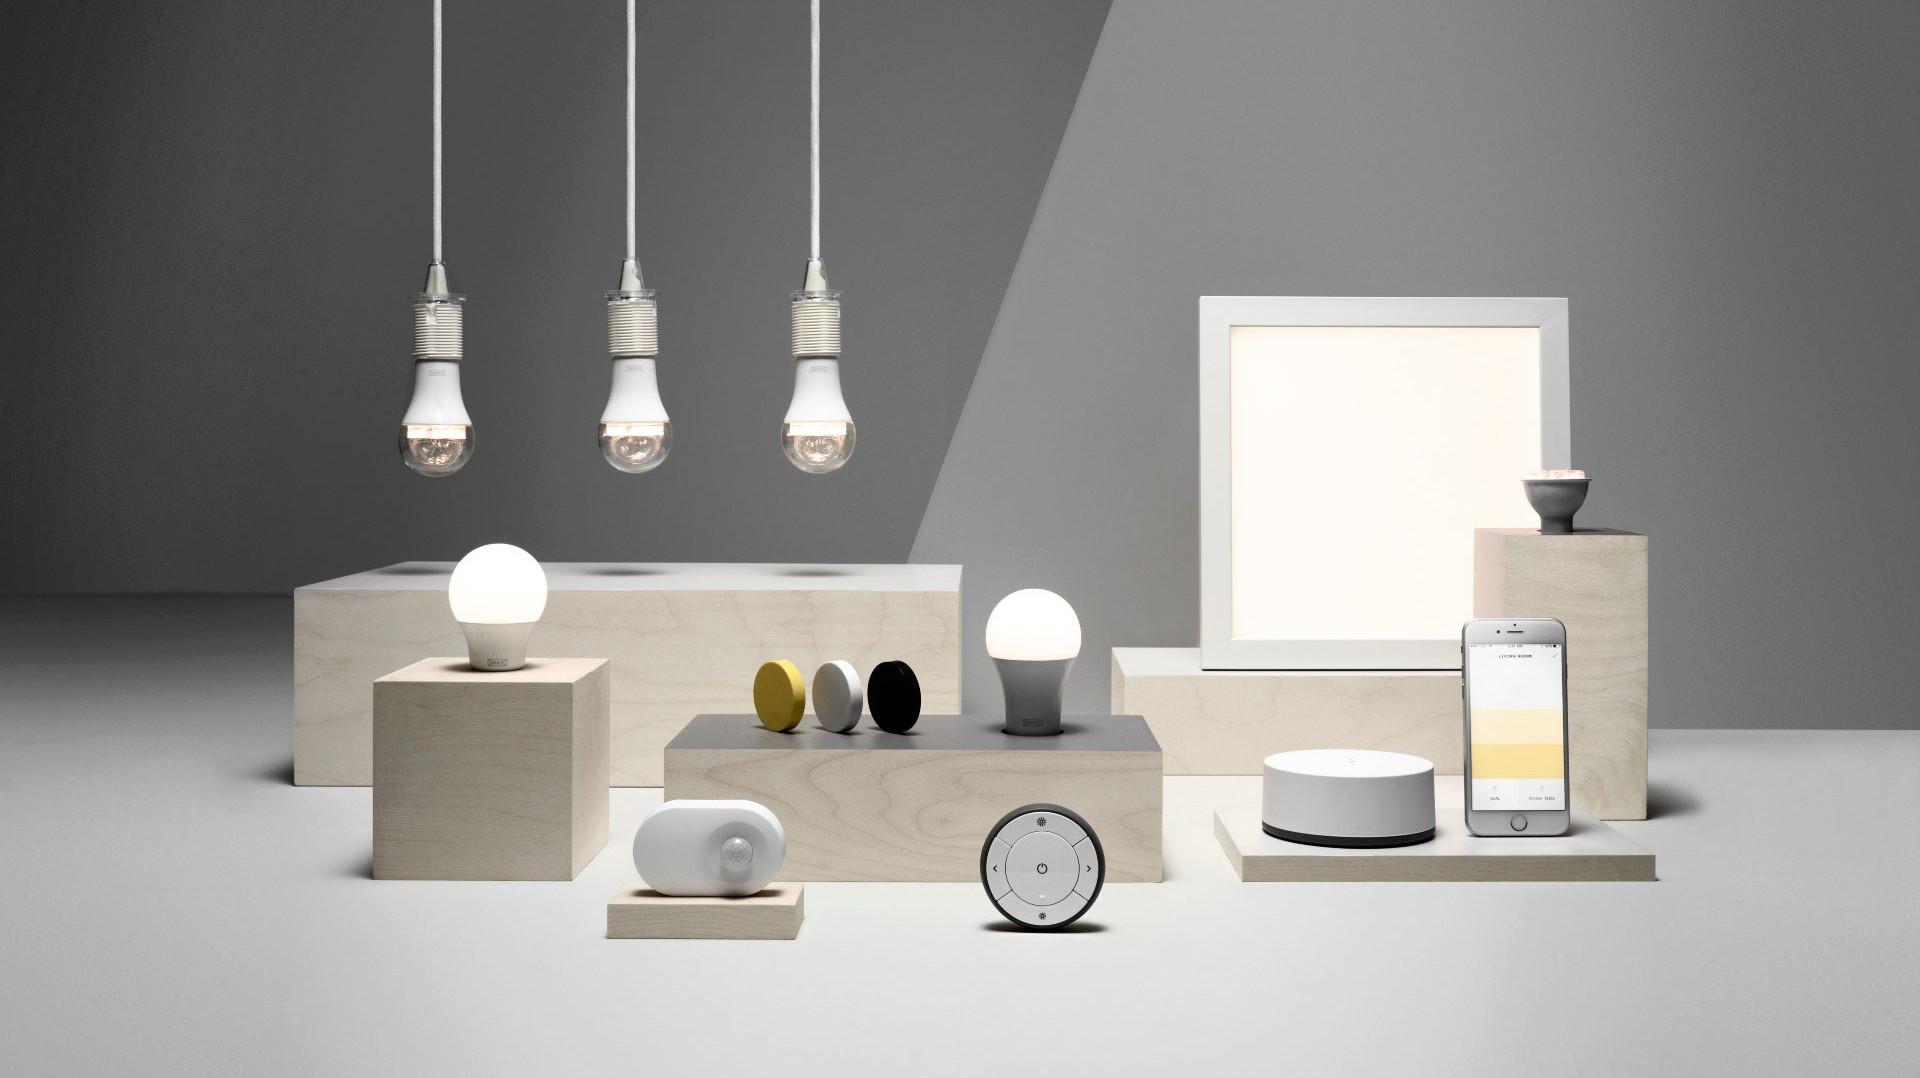 Estos imprescindibles productos inteligentes de IKEA te harán ahorrar tiempo y tu cordura